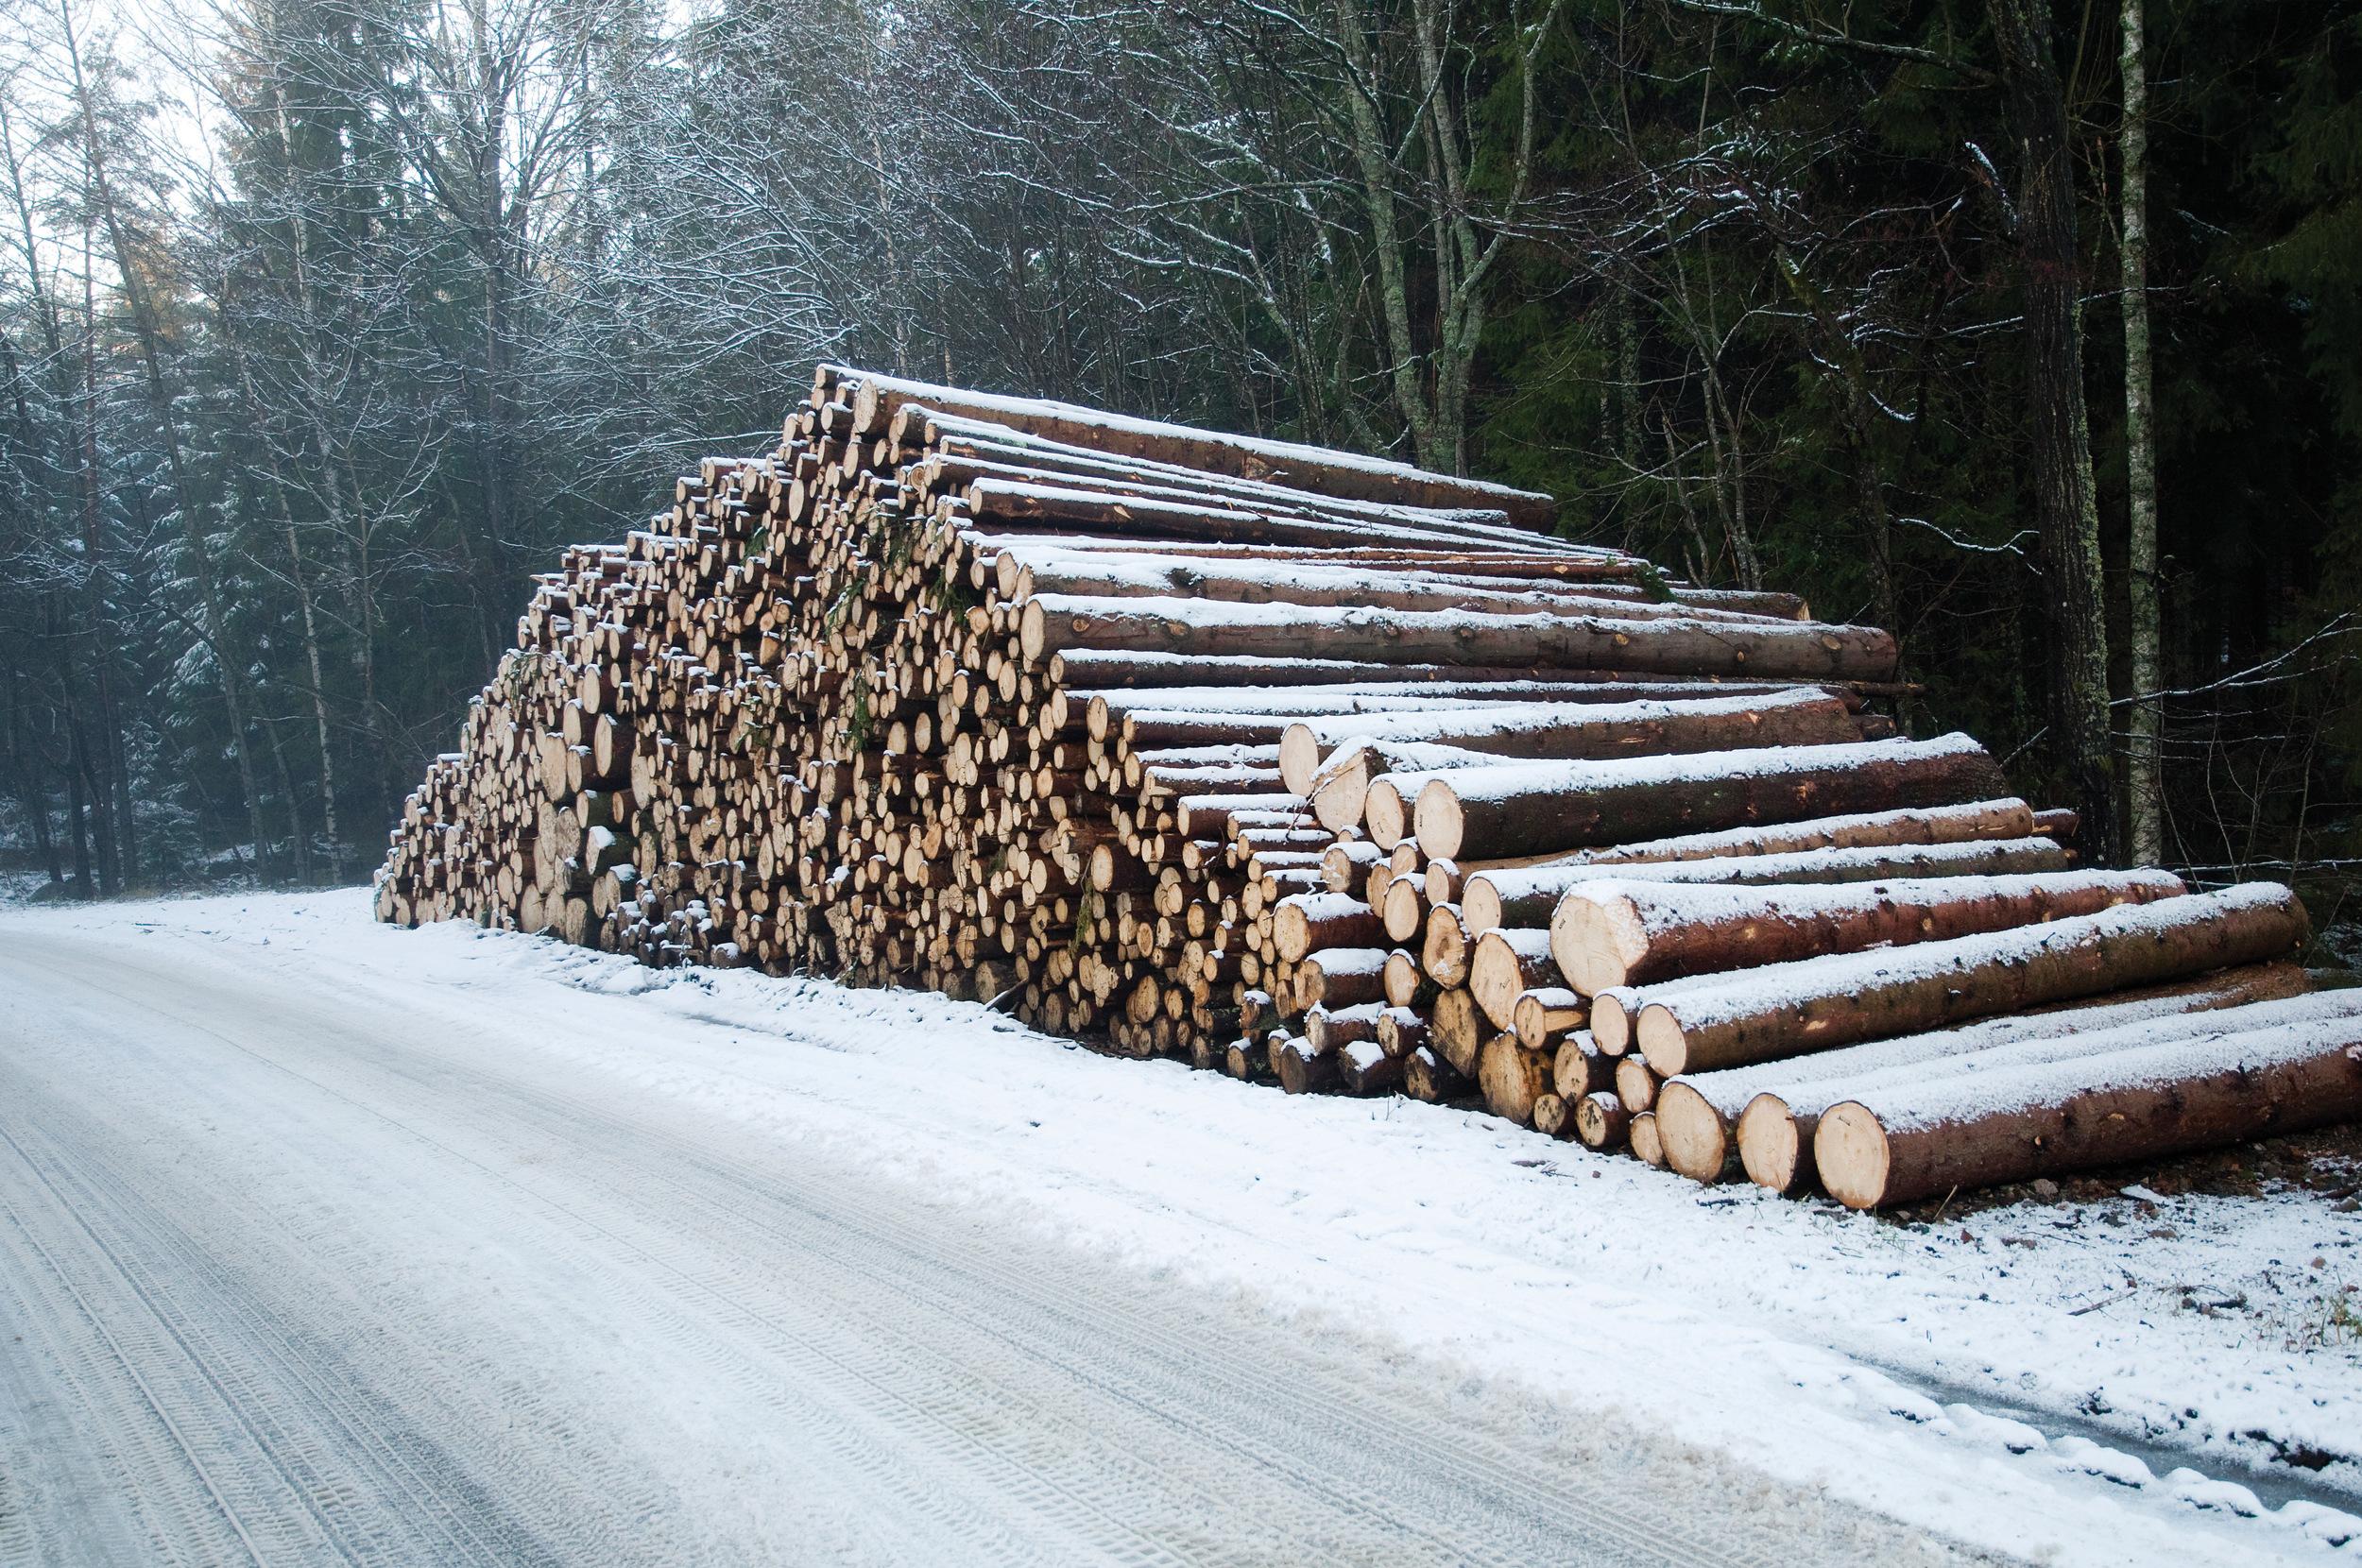 I 2015 ble det eksportert nesten fire millioner kubikkmeter tømmer, det høyeste registrerte tømmereksportkvantumet. Foto: Lars Sandved Dalen, NIBIO